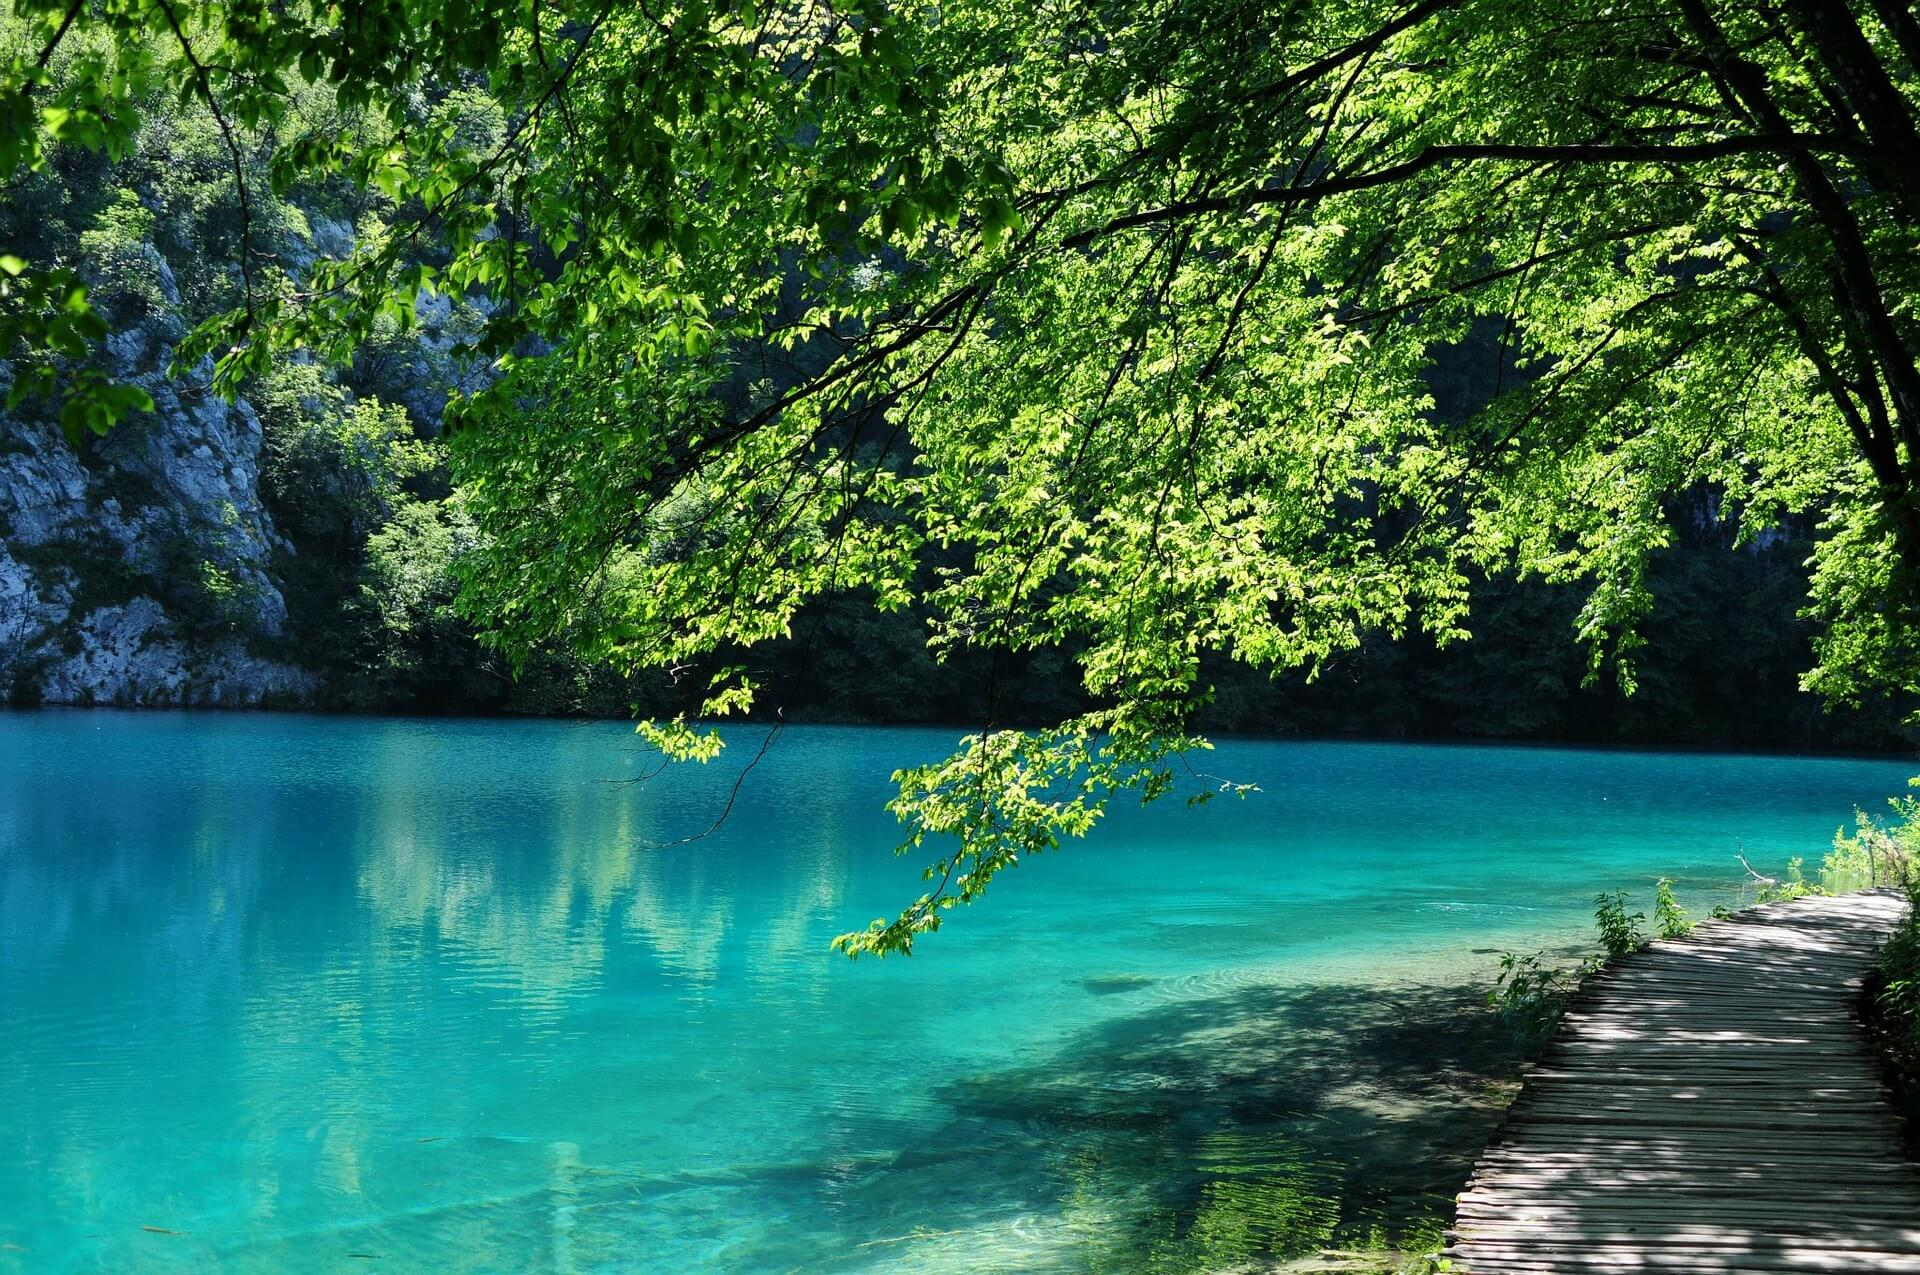 plitvice-lakes-319261_1920